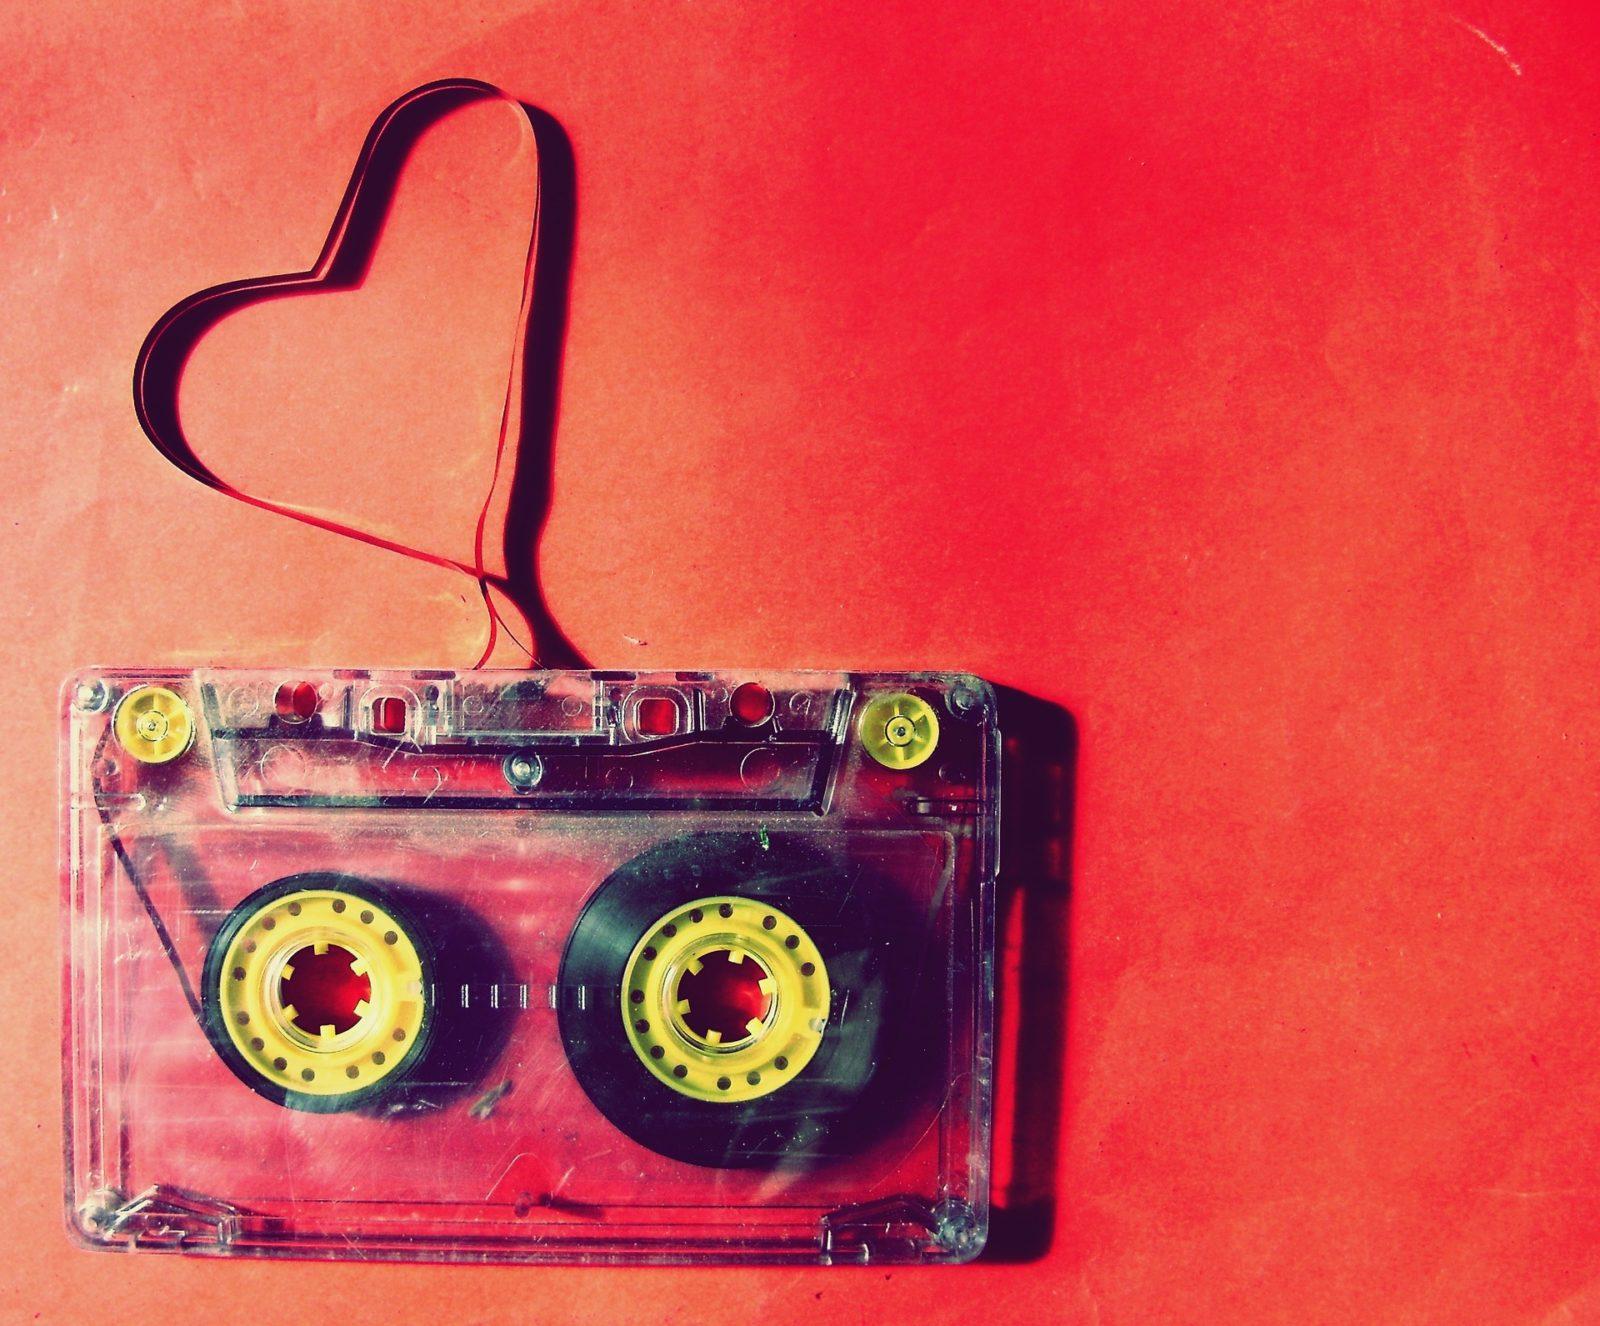 Cosa succede nella mente quando la musica ci fa venire i brividi